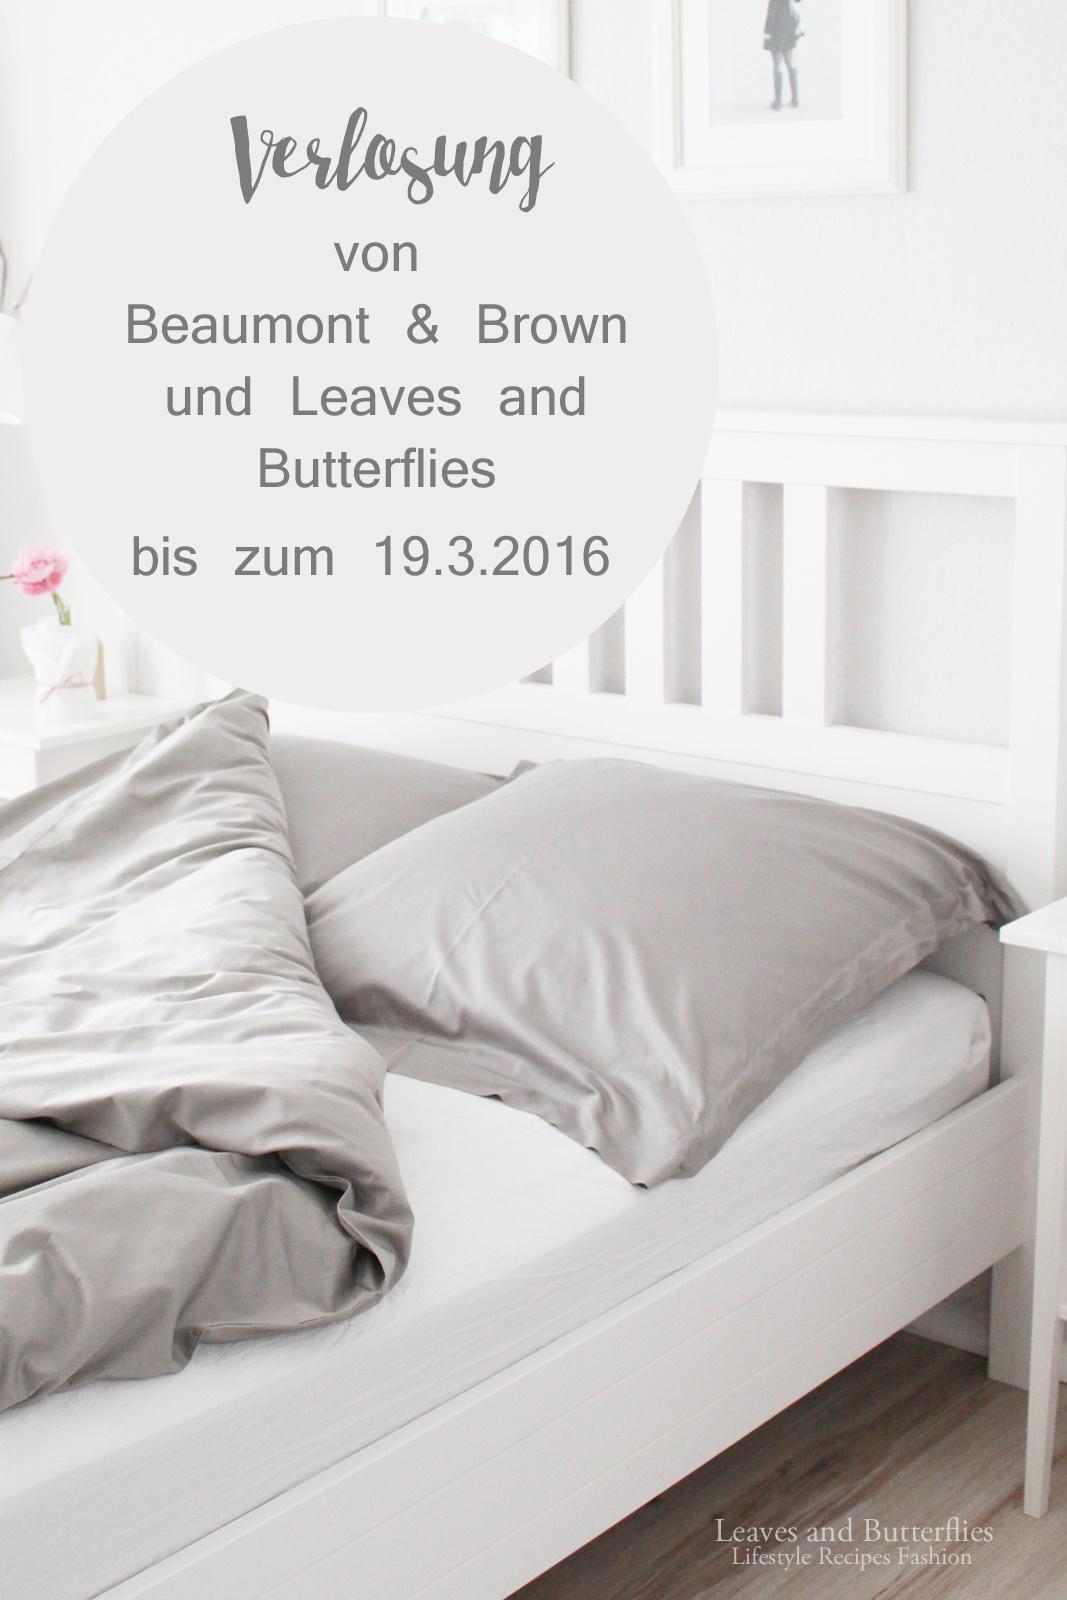 Leaves and butterflies: wunderschöne neue bettwäsche und verlosung ...